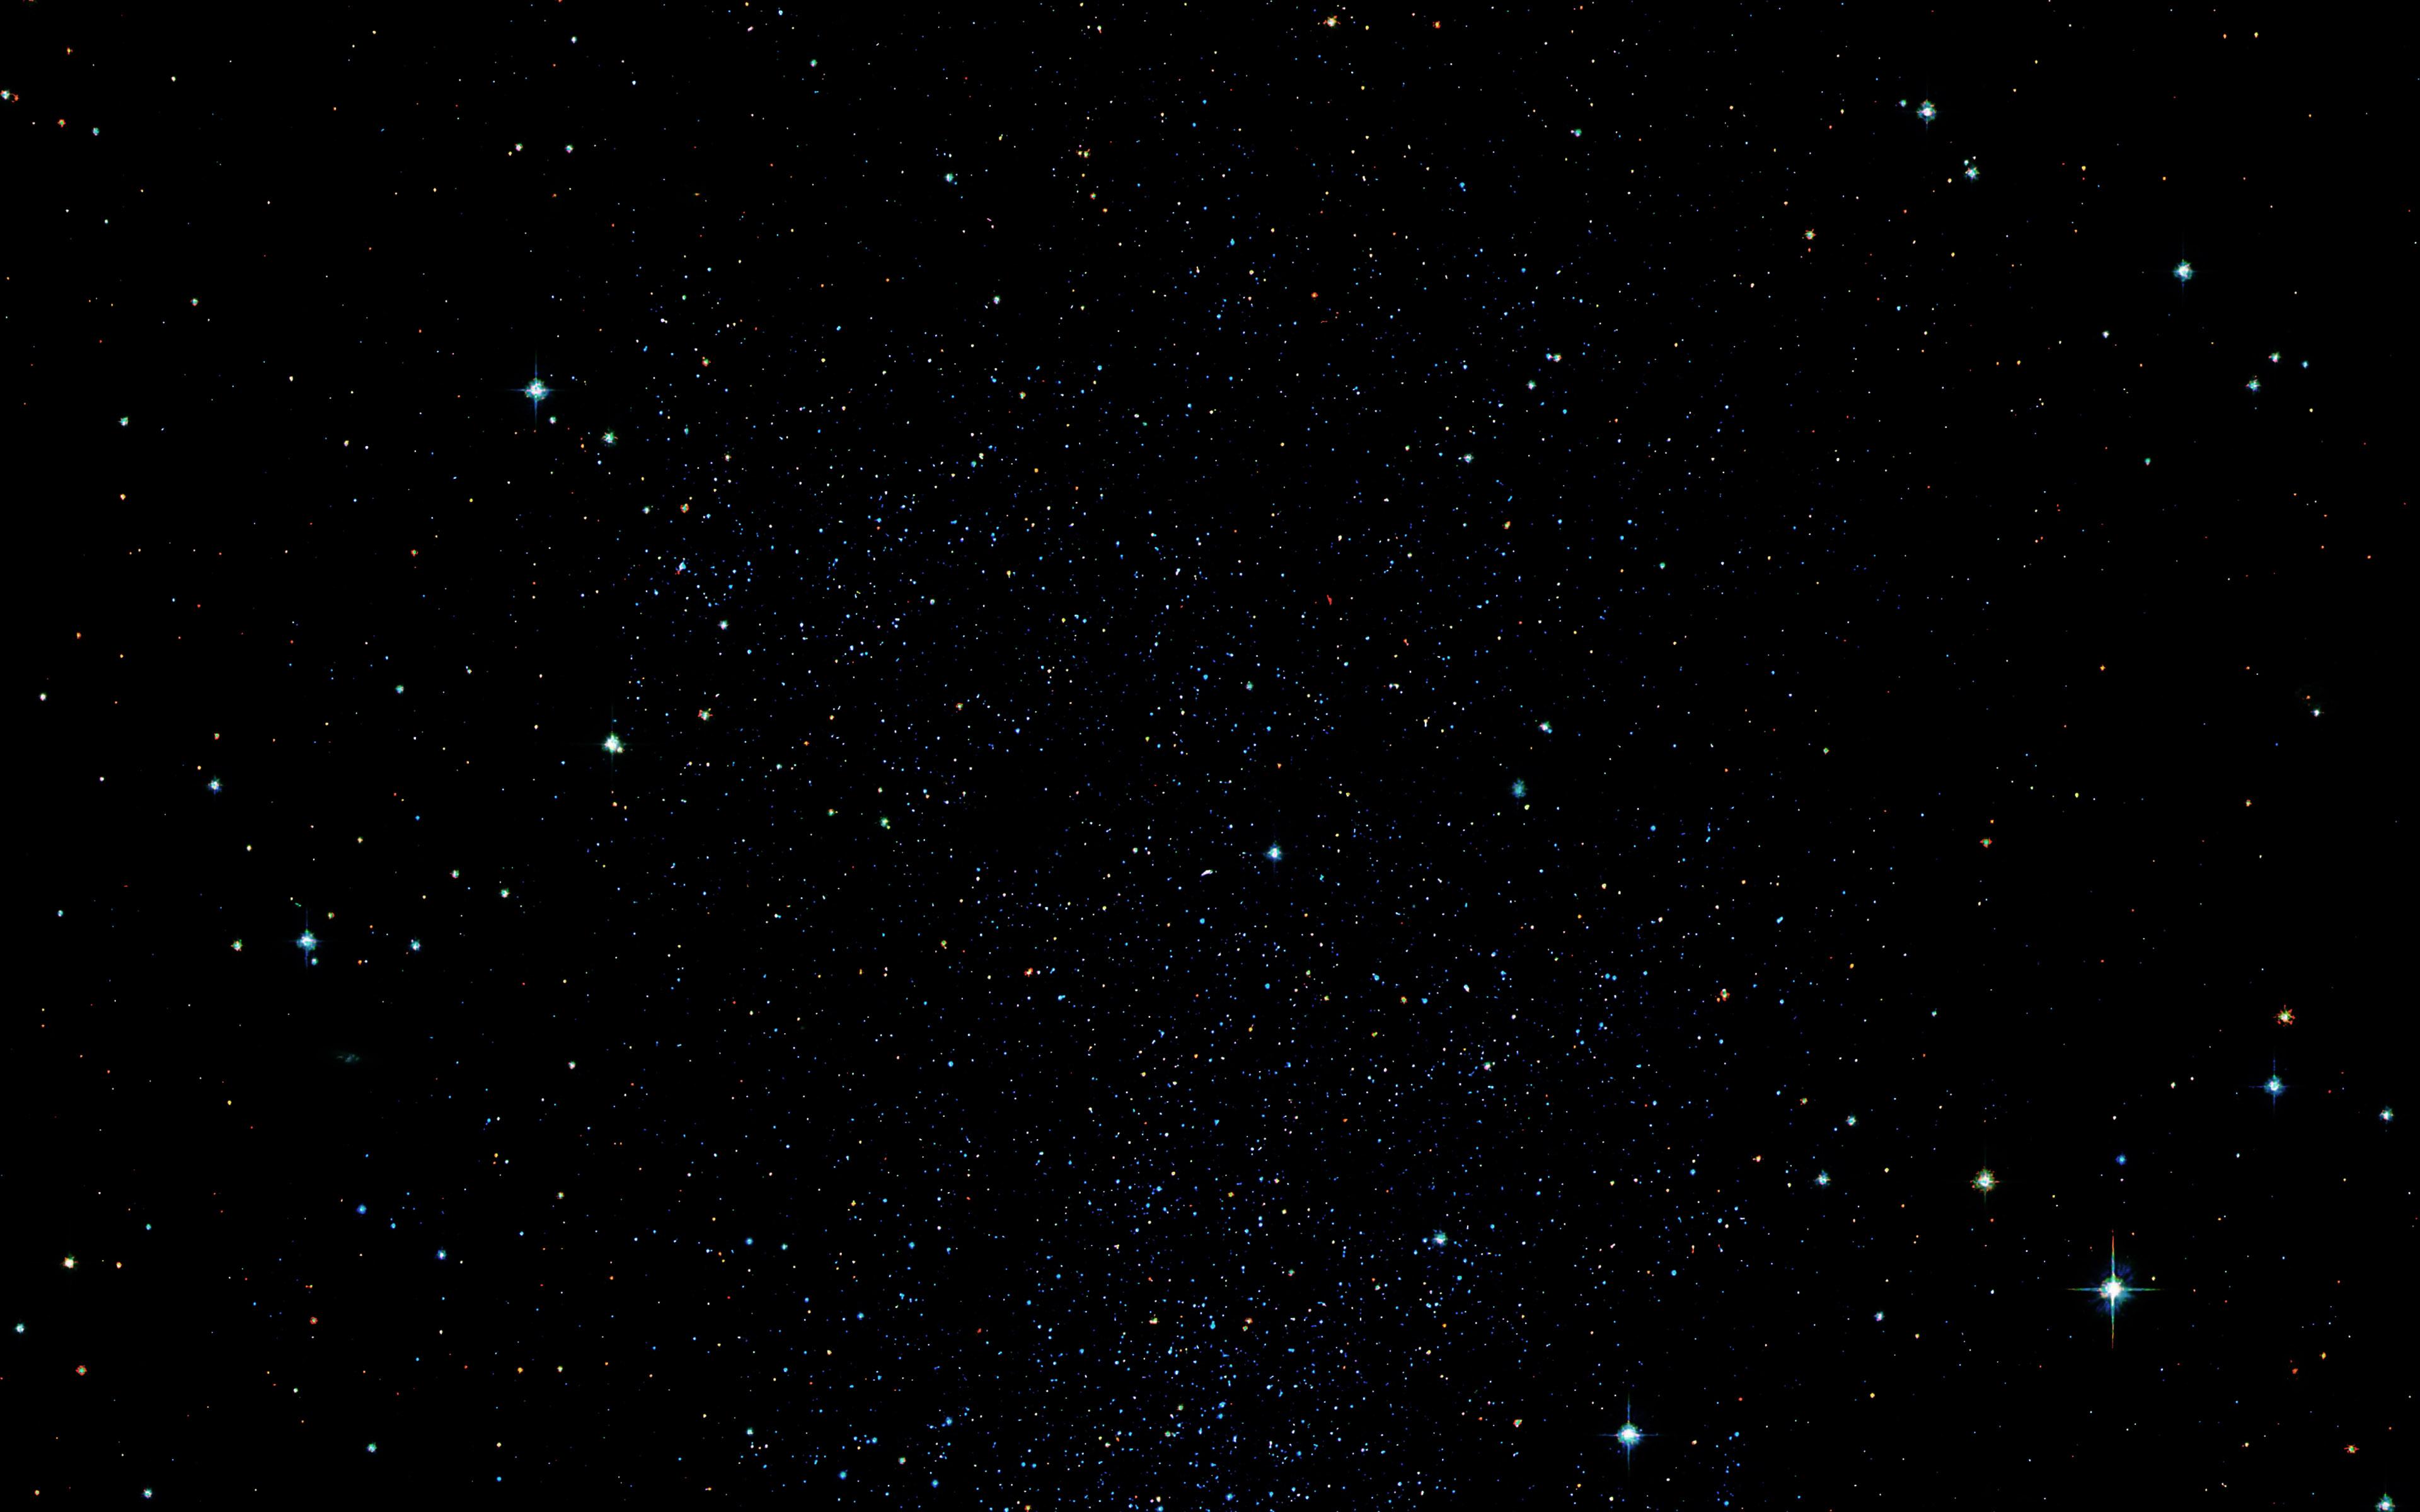 Simple Fall Hd Wallpaper Md04 Wallpaper Night Space Night Gemini Stars Wallpaper